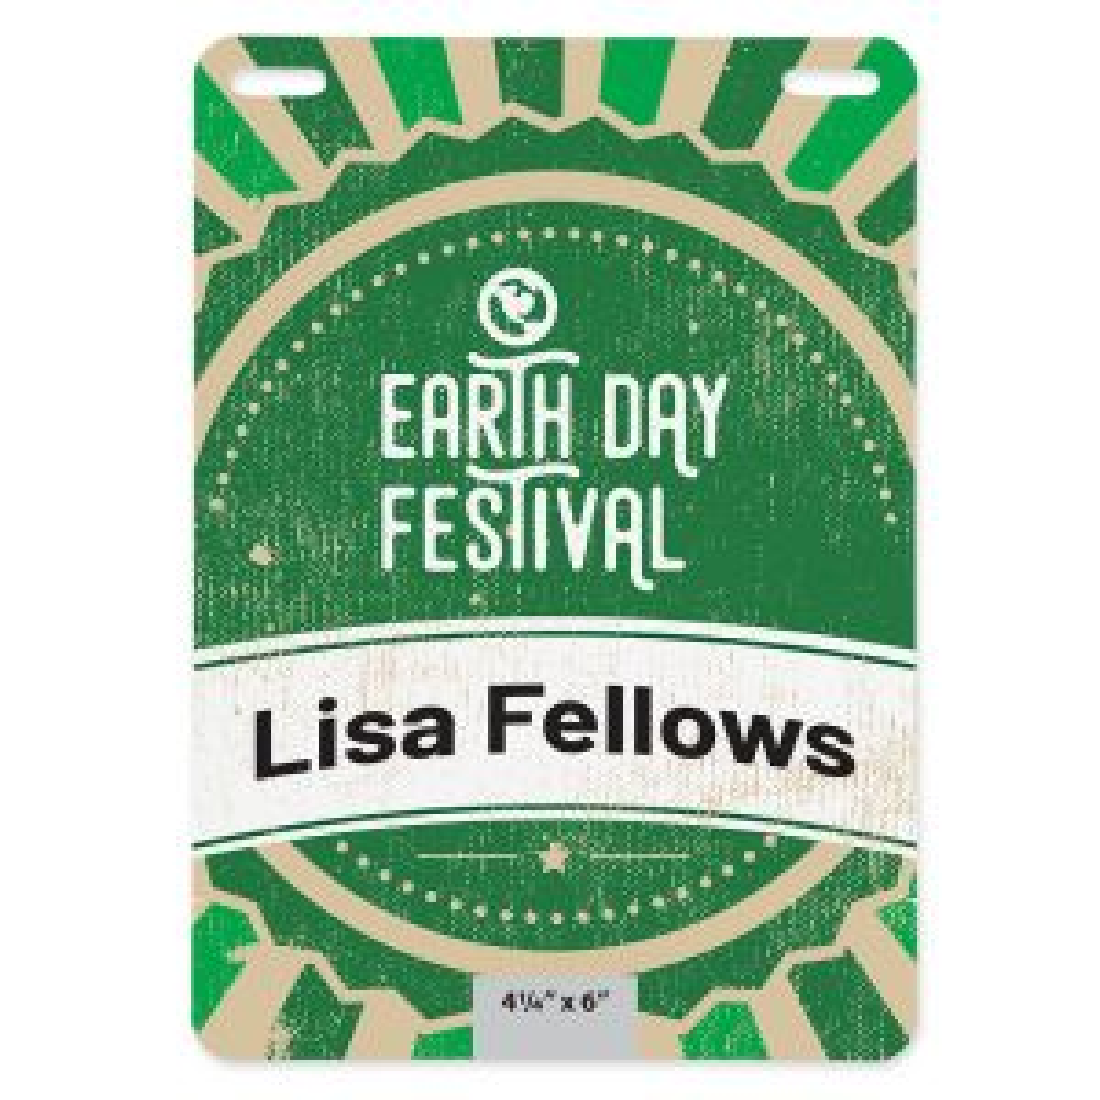 Eco Event Badge